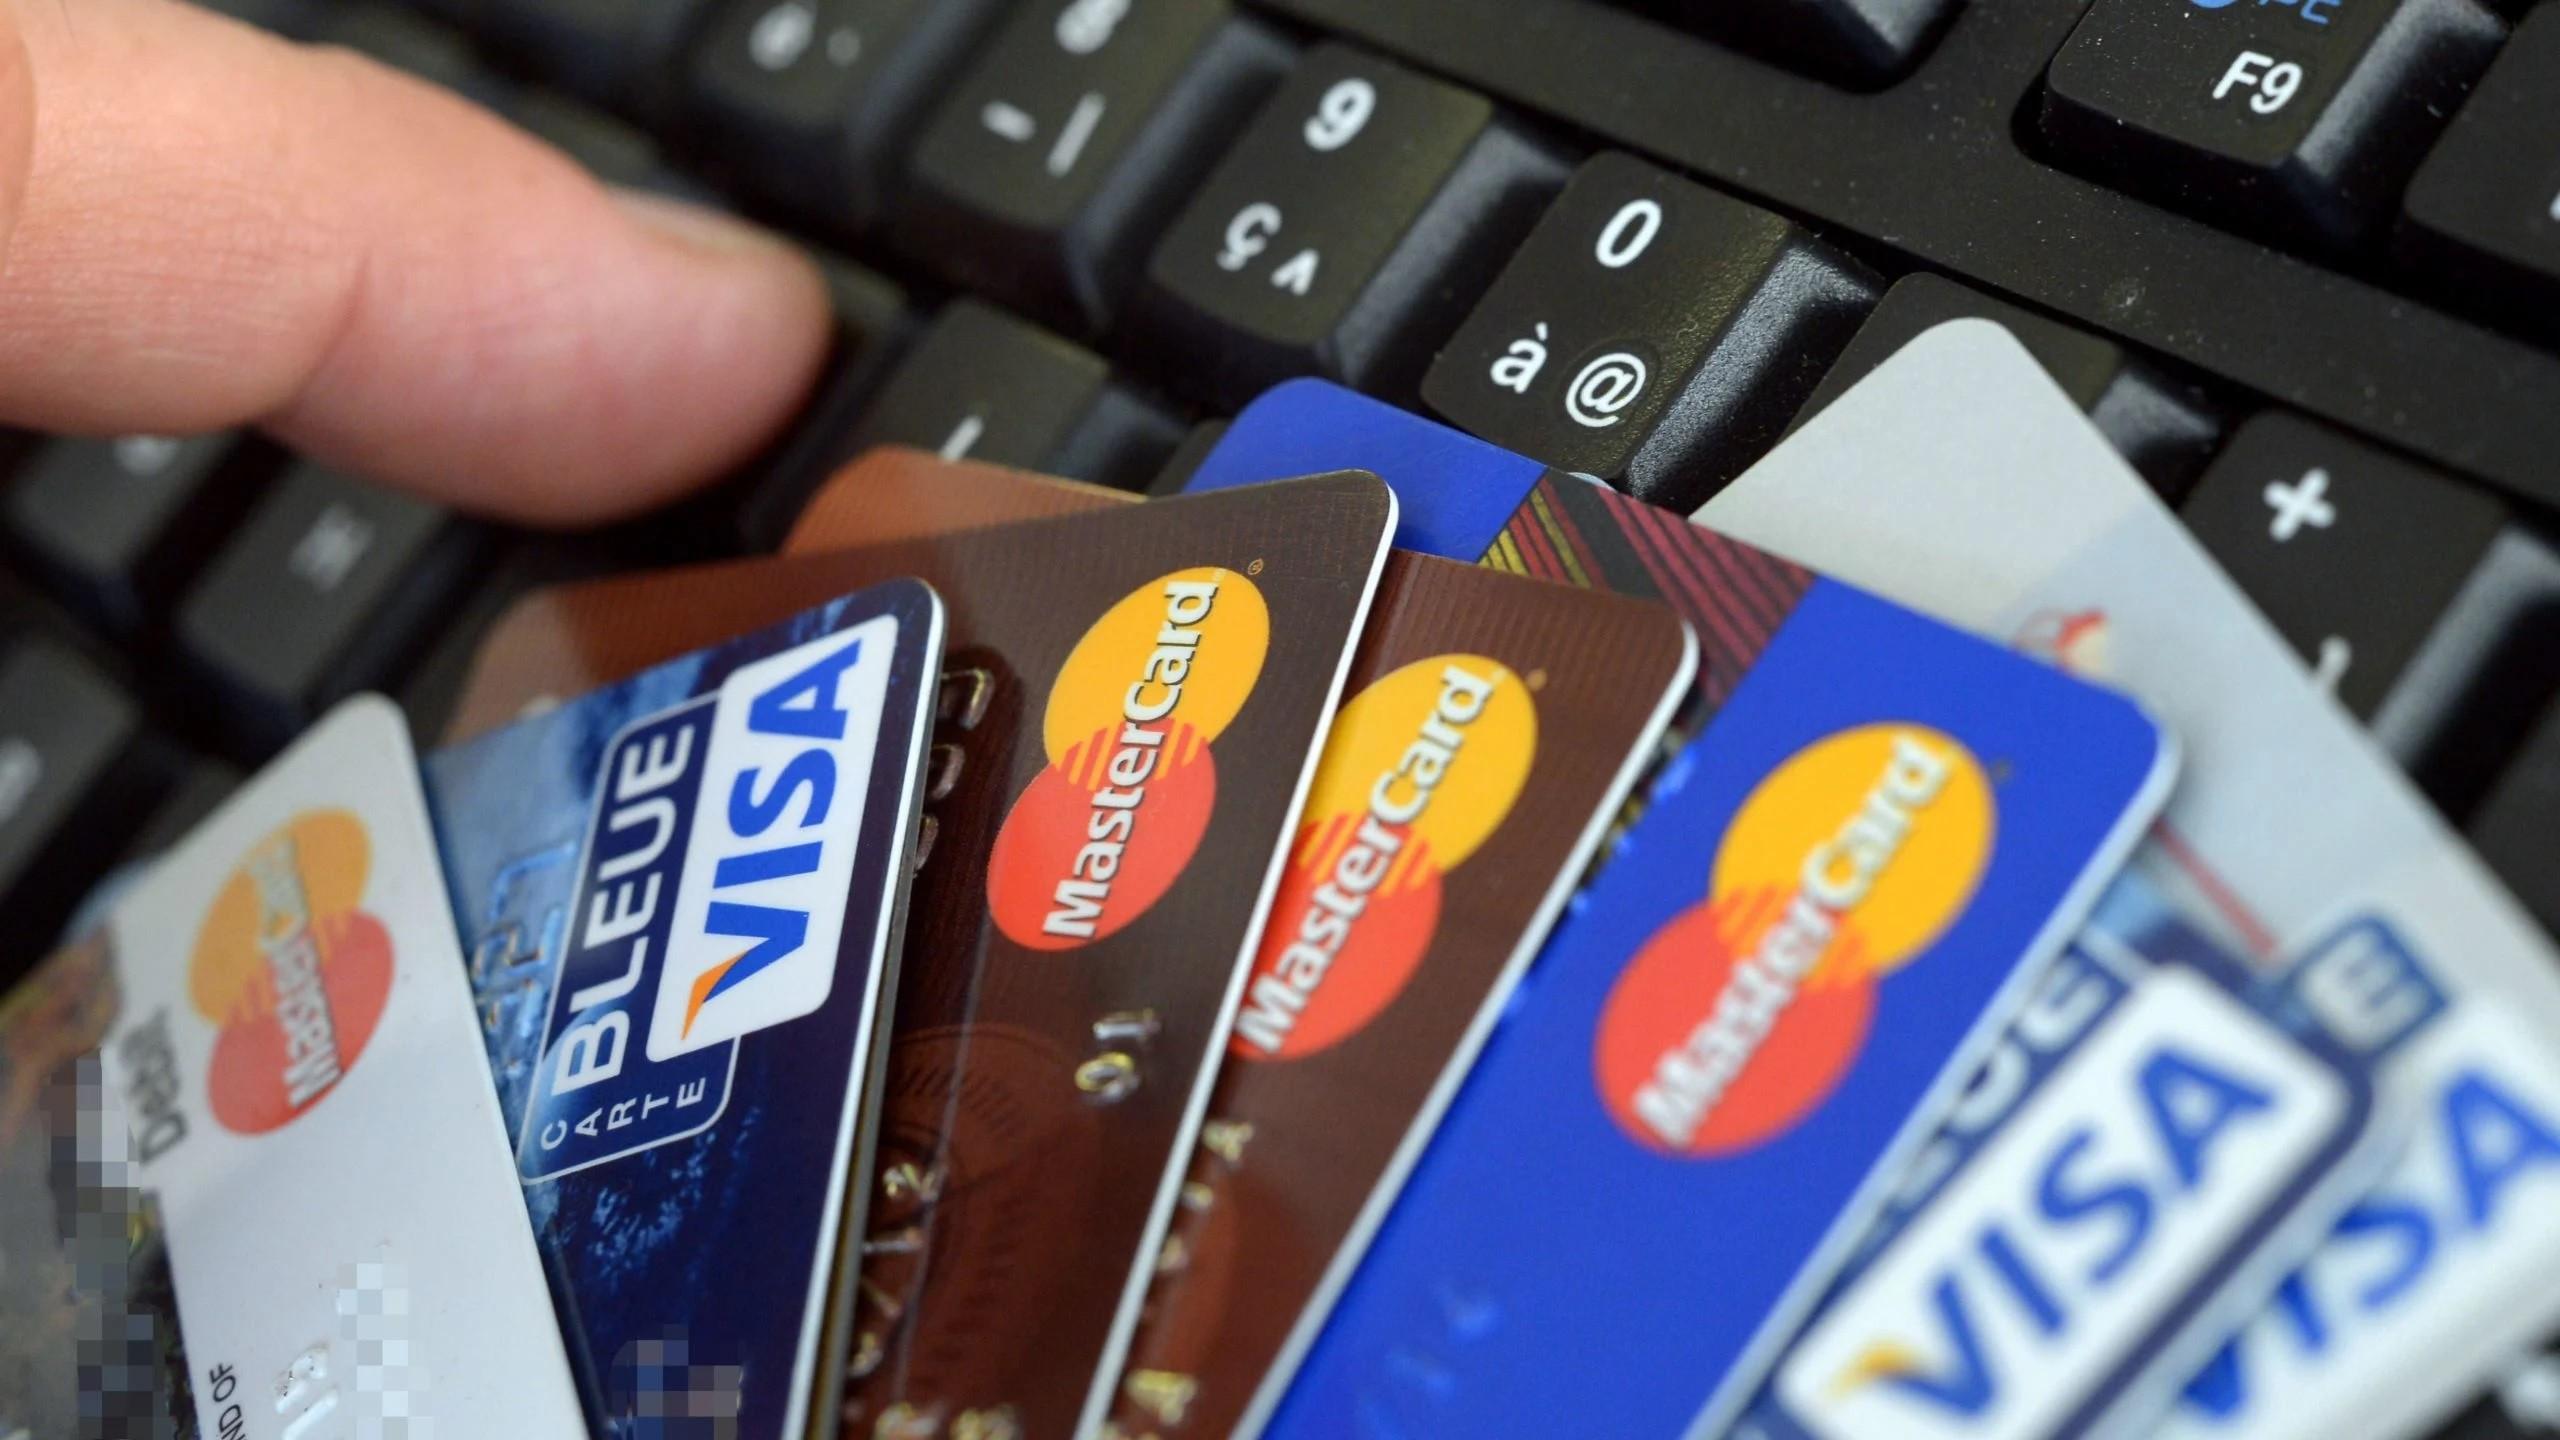 ماذا تفعل إذا تم اختراق جهازك أو أحد حساباتك على الإنترنت ؟